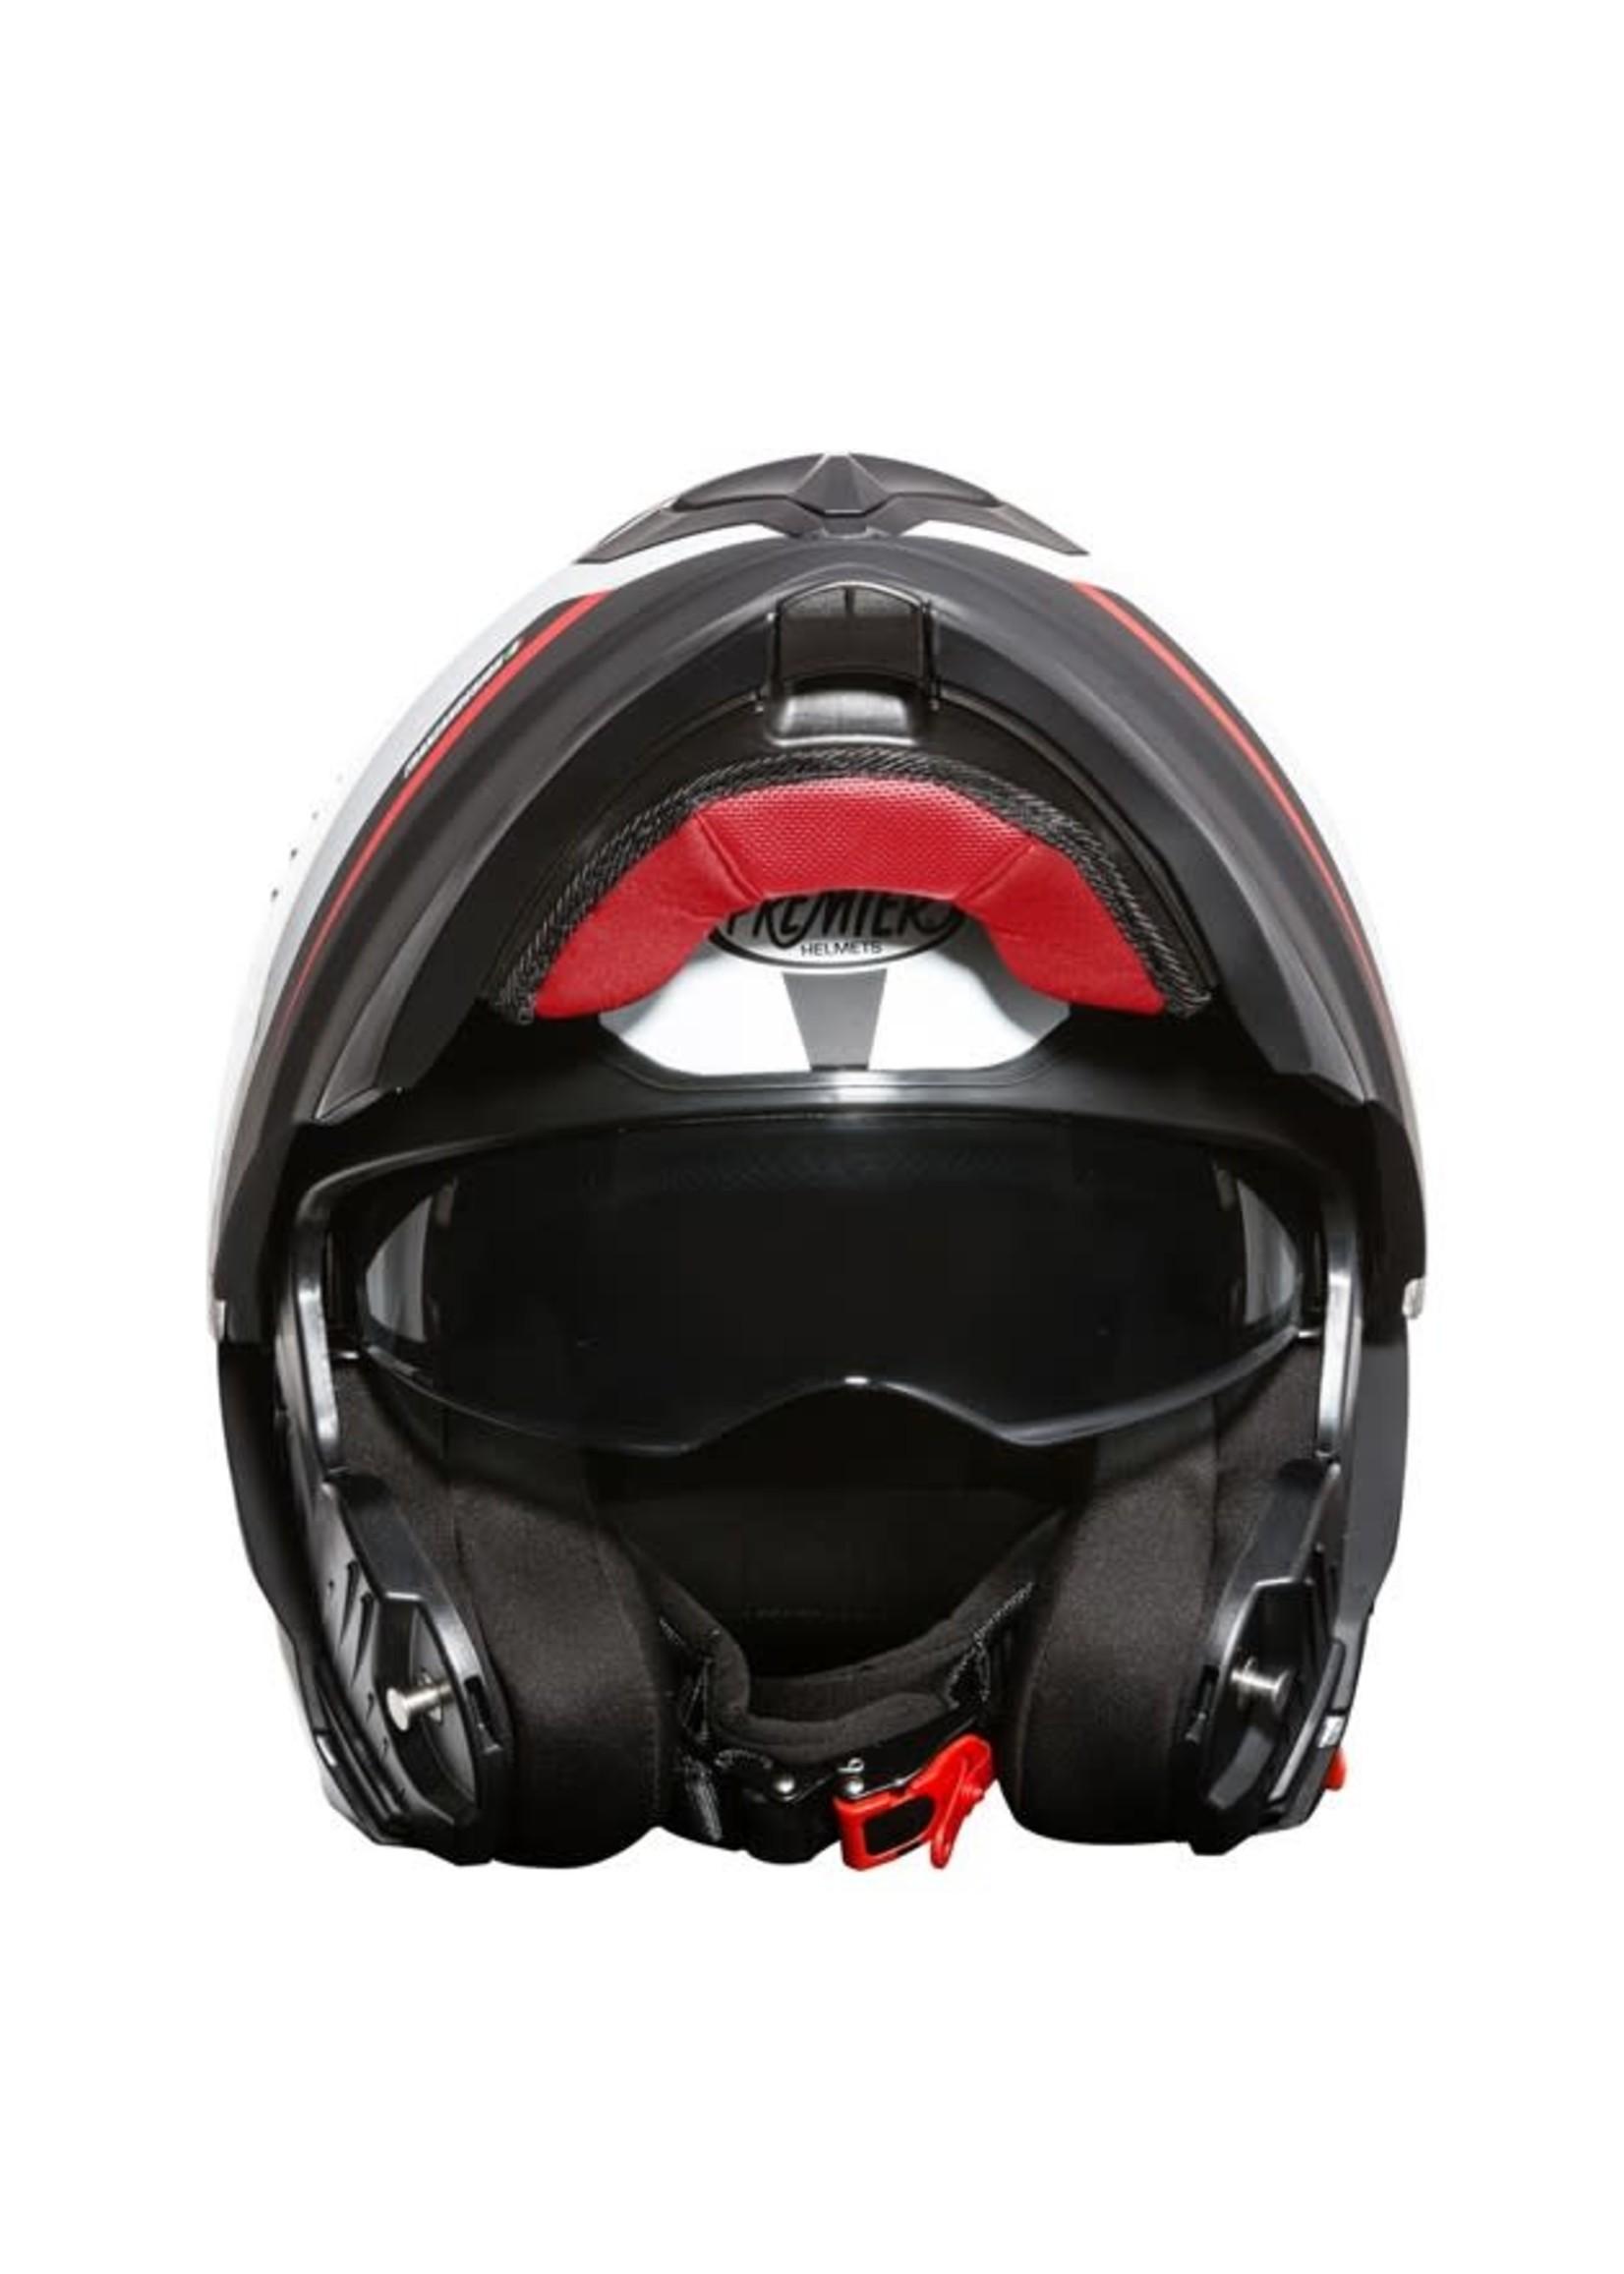 Premier Premier XTRAIL Helm MO 92 BM